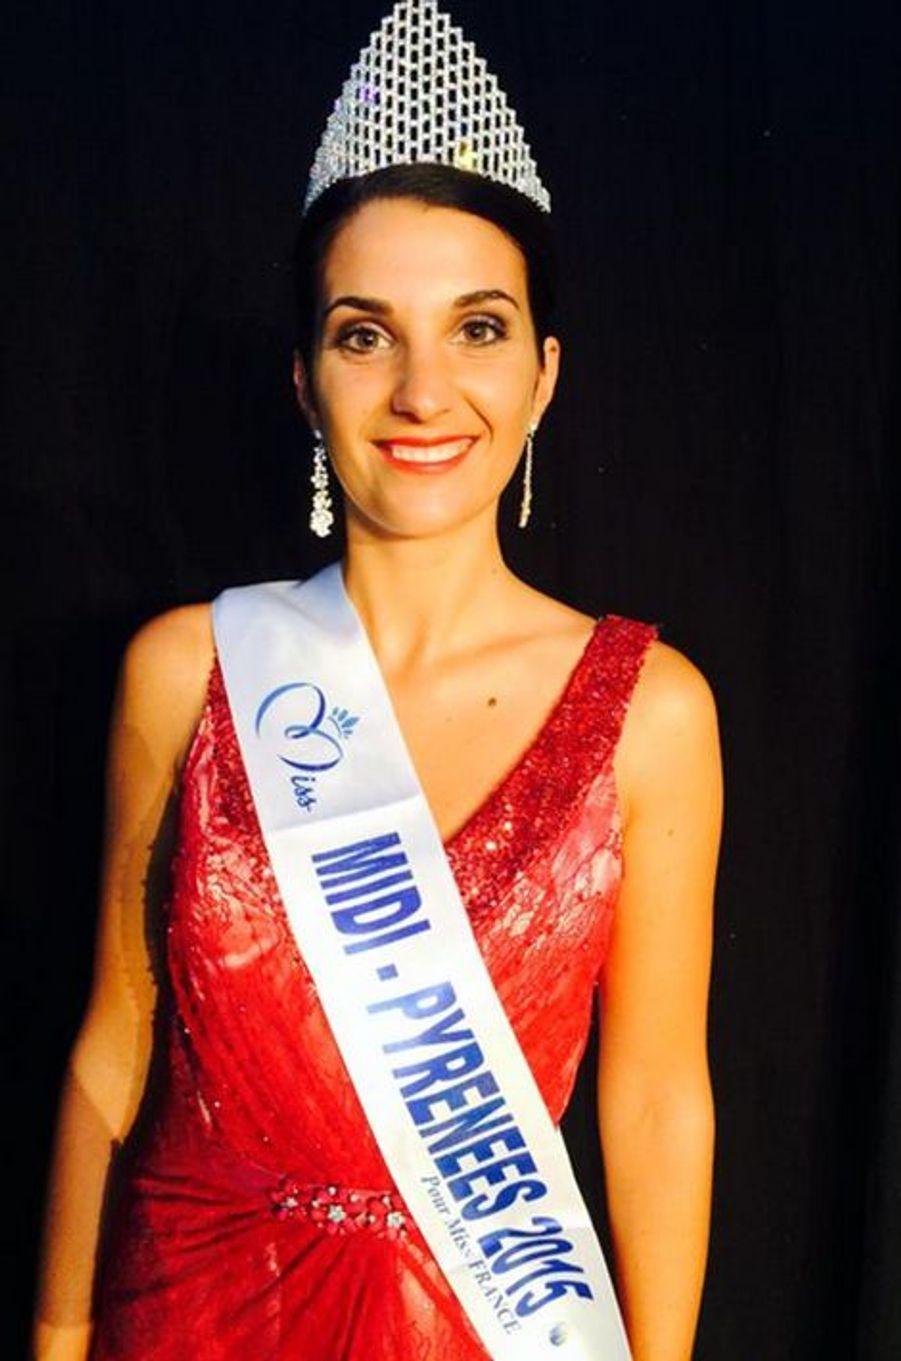 Miss Midi-Pyrénées - Emily Segouffin (23 ans - 1,74 m) - Étudiante en BTS négociation et relation client